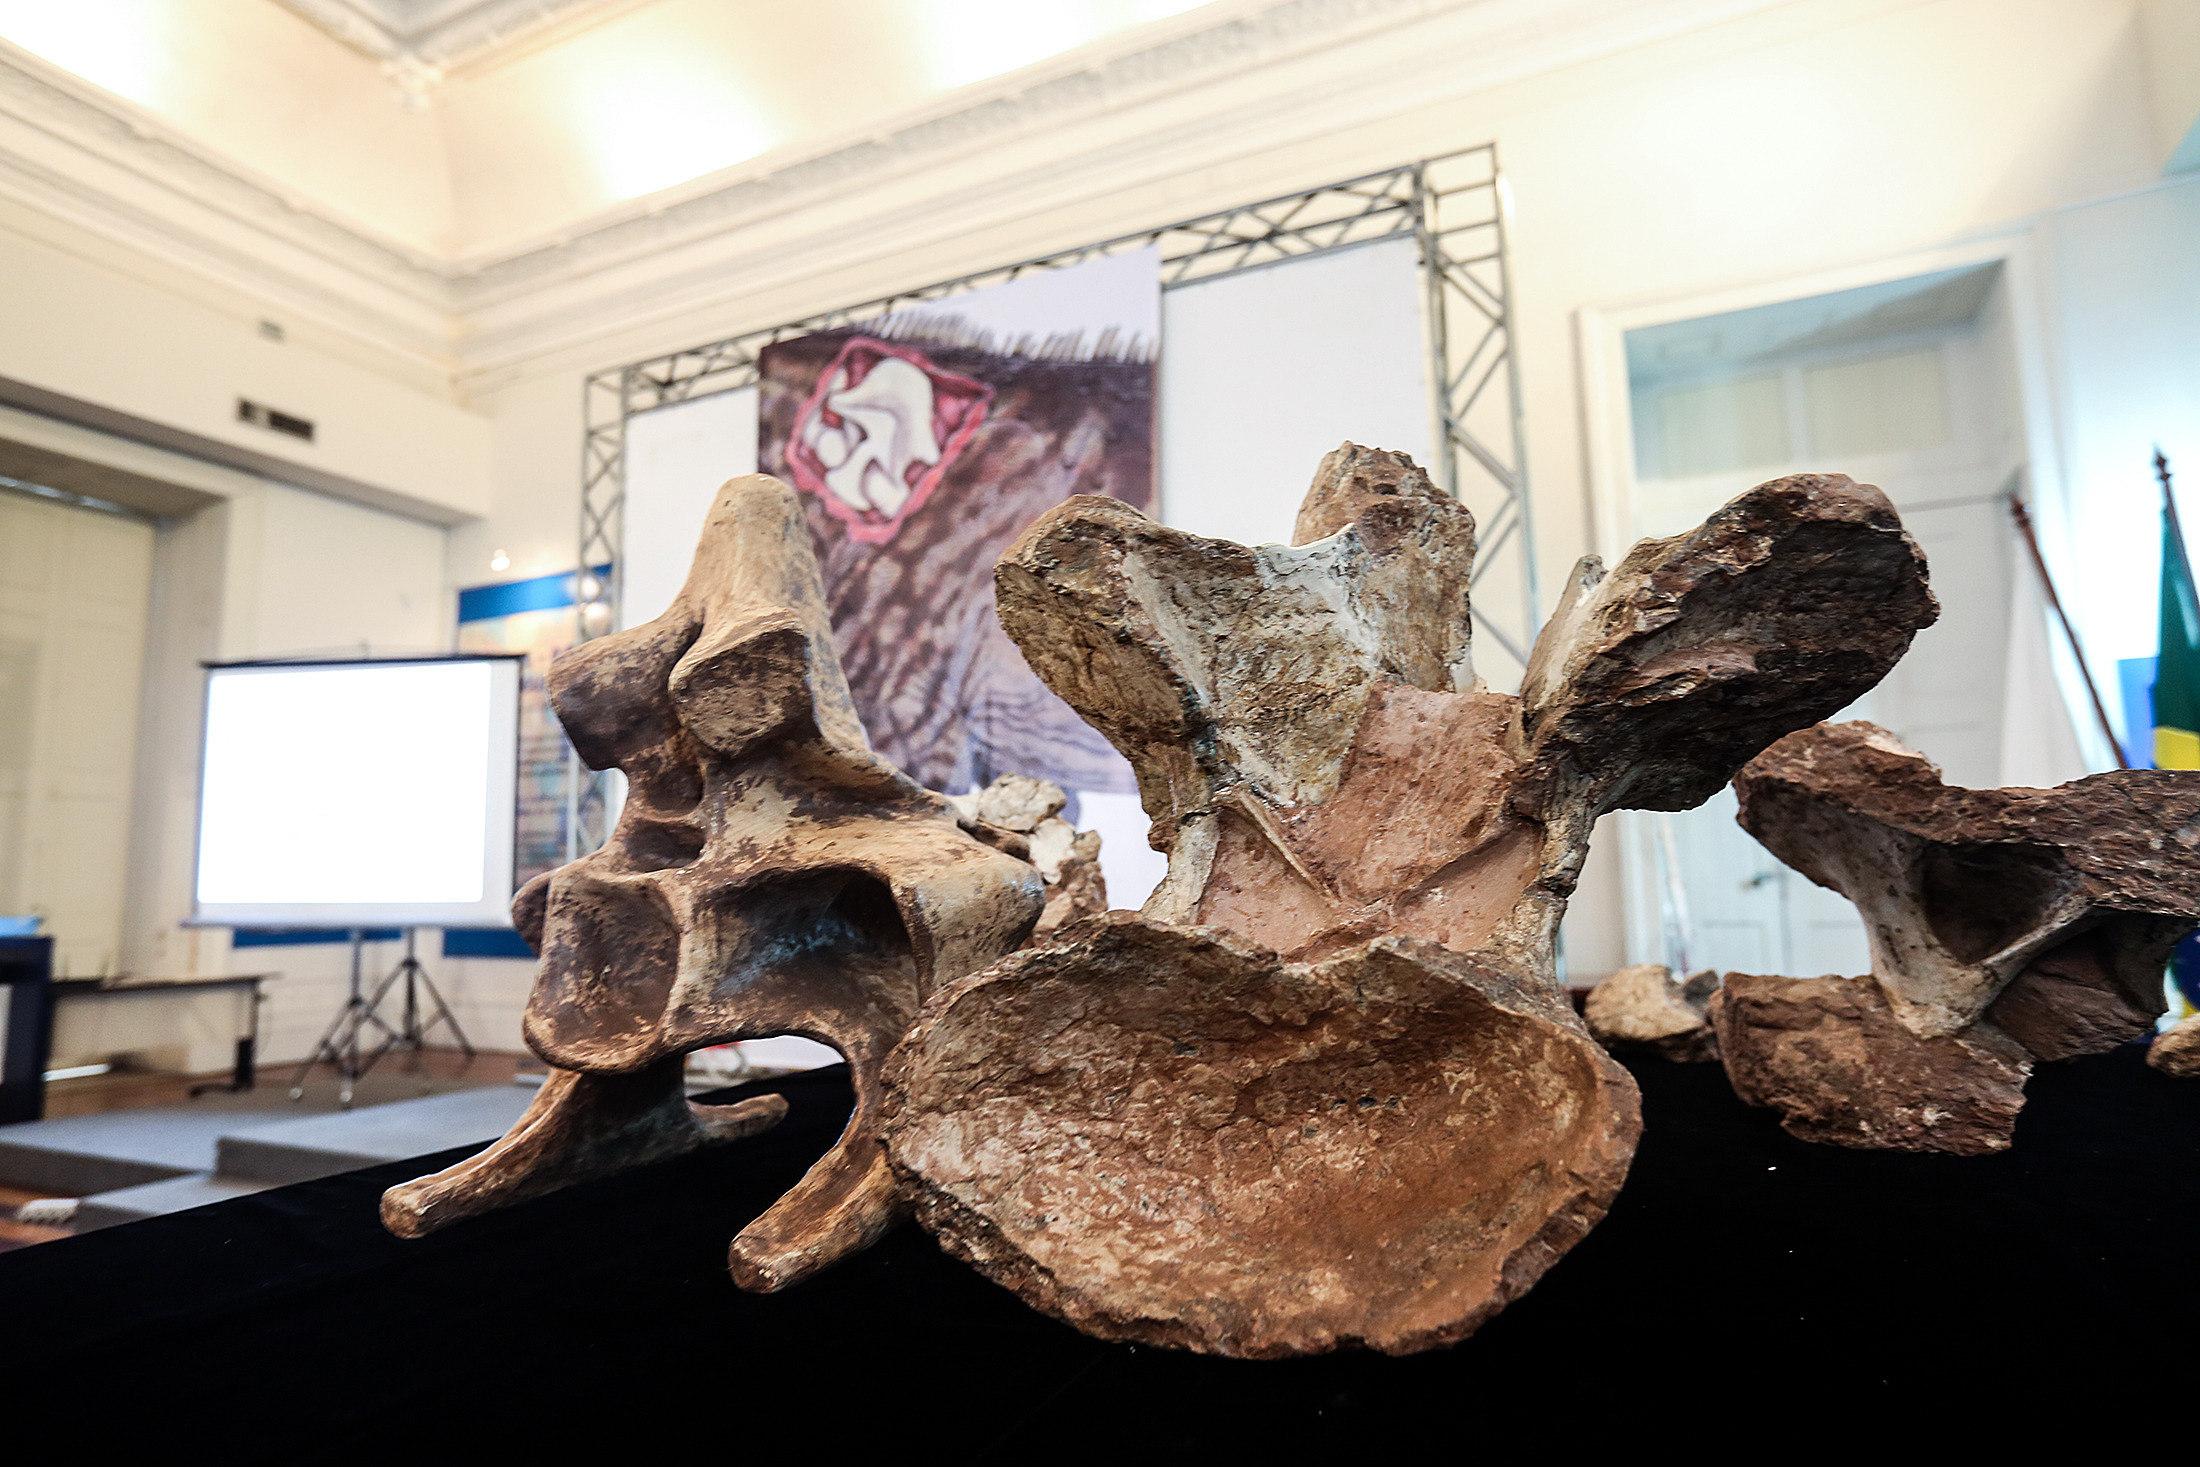 Investigadores anuncian descubrimiento del mayor dinosaurio de Brasil